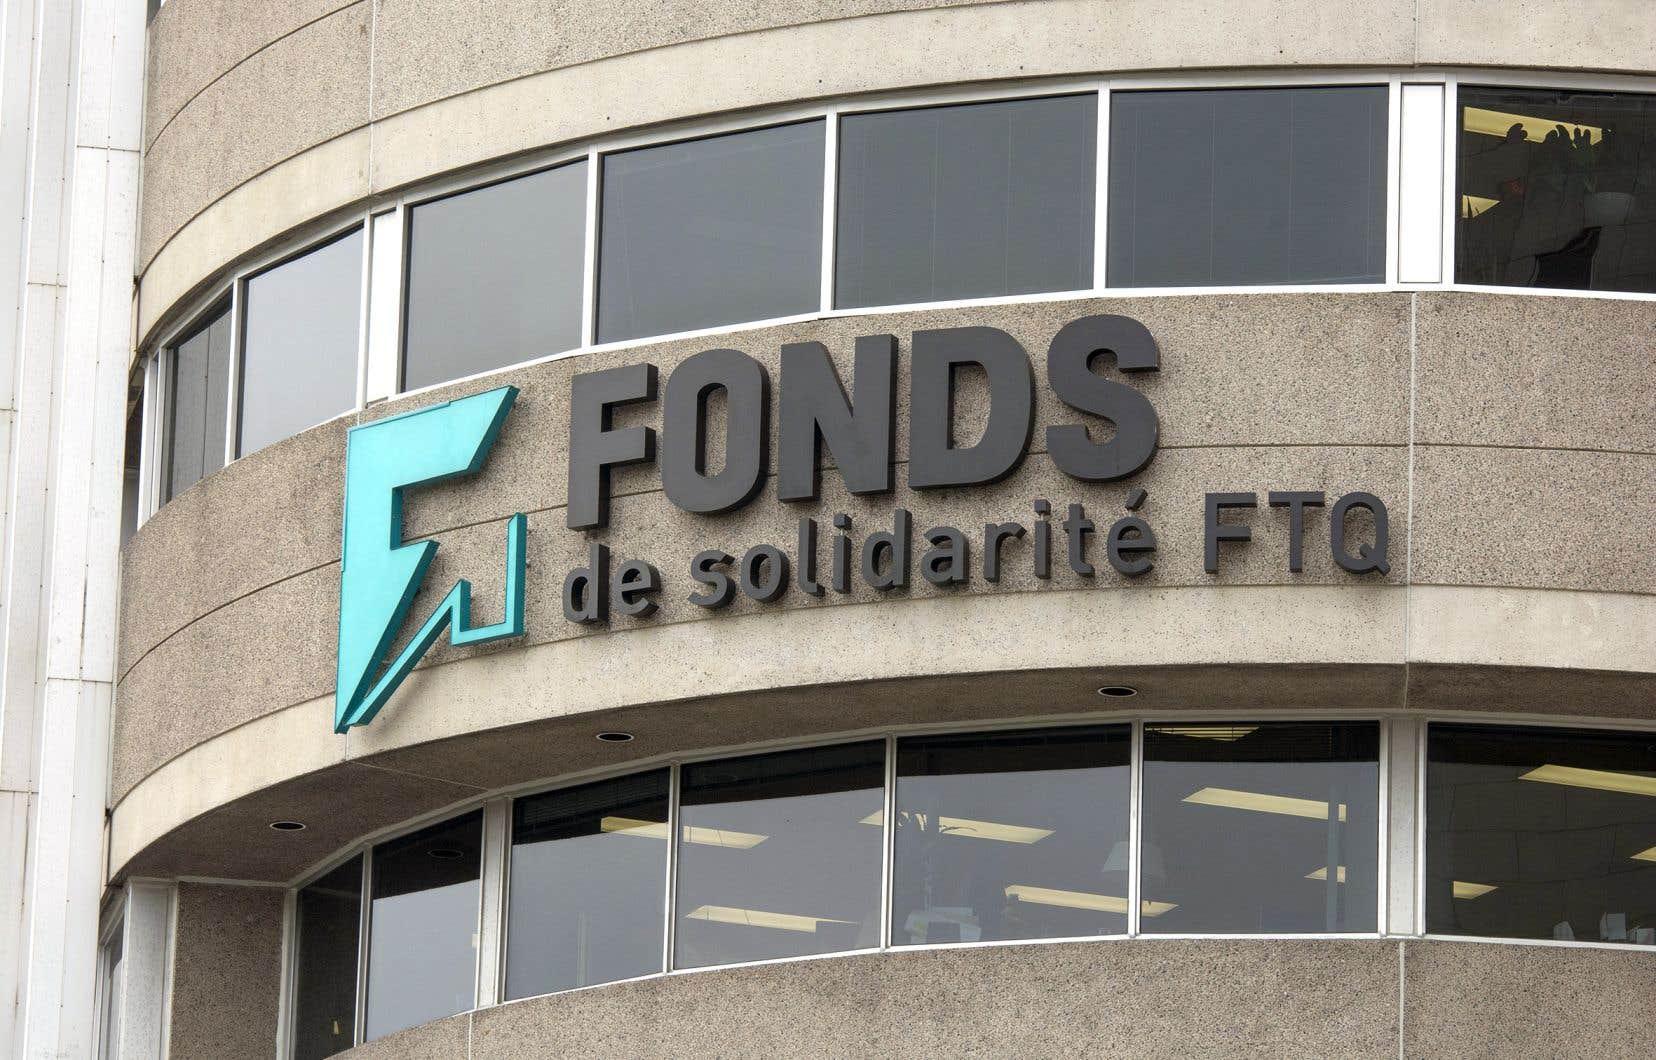 Le Fonds de solidarité FTQ est la seule institution canadienne à faire partie du comité consultatif comprenant 24 membres recrutés un peu partout sur la planète.